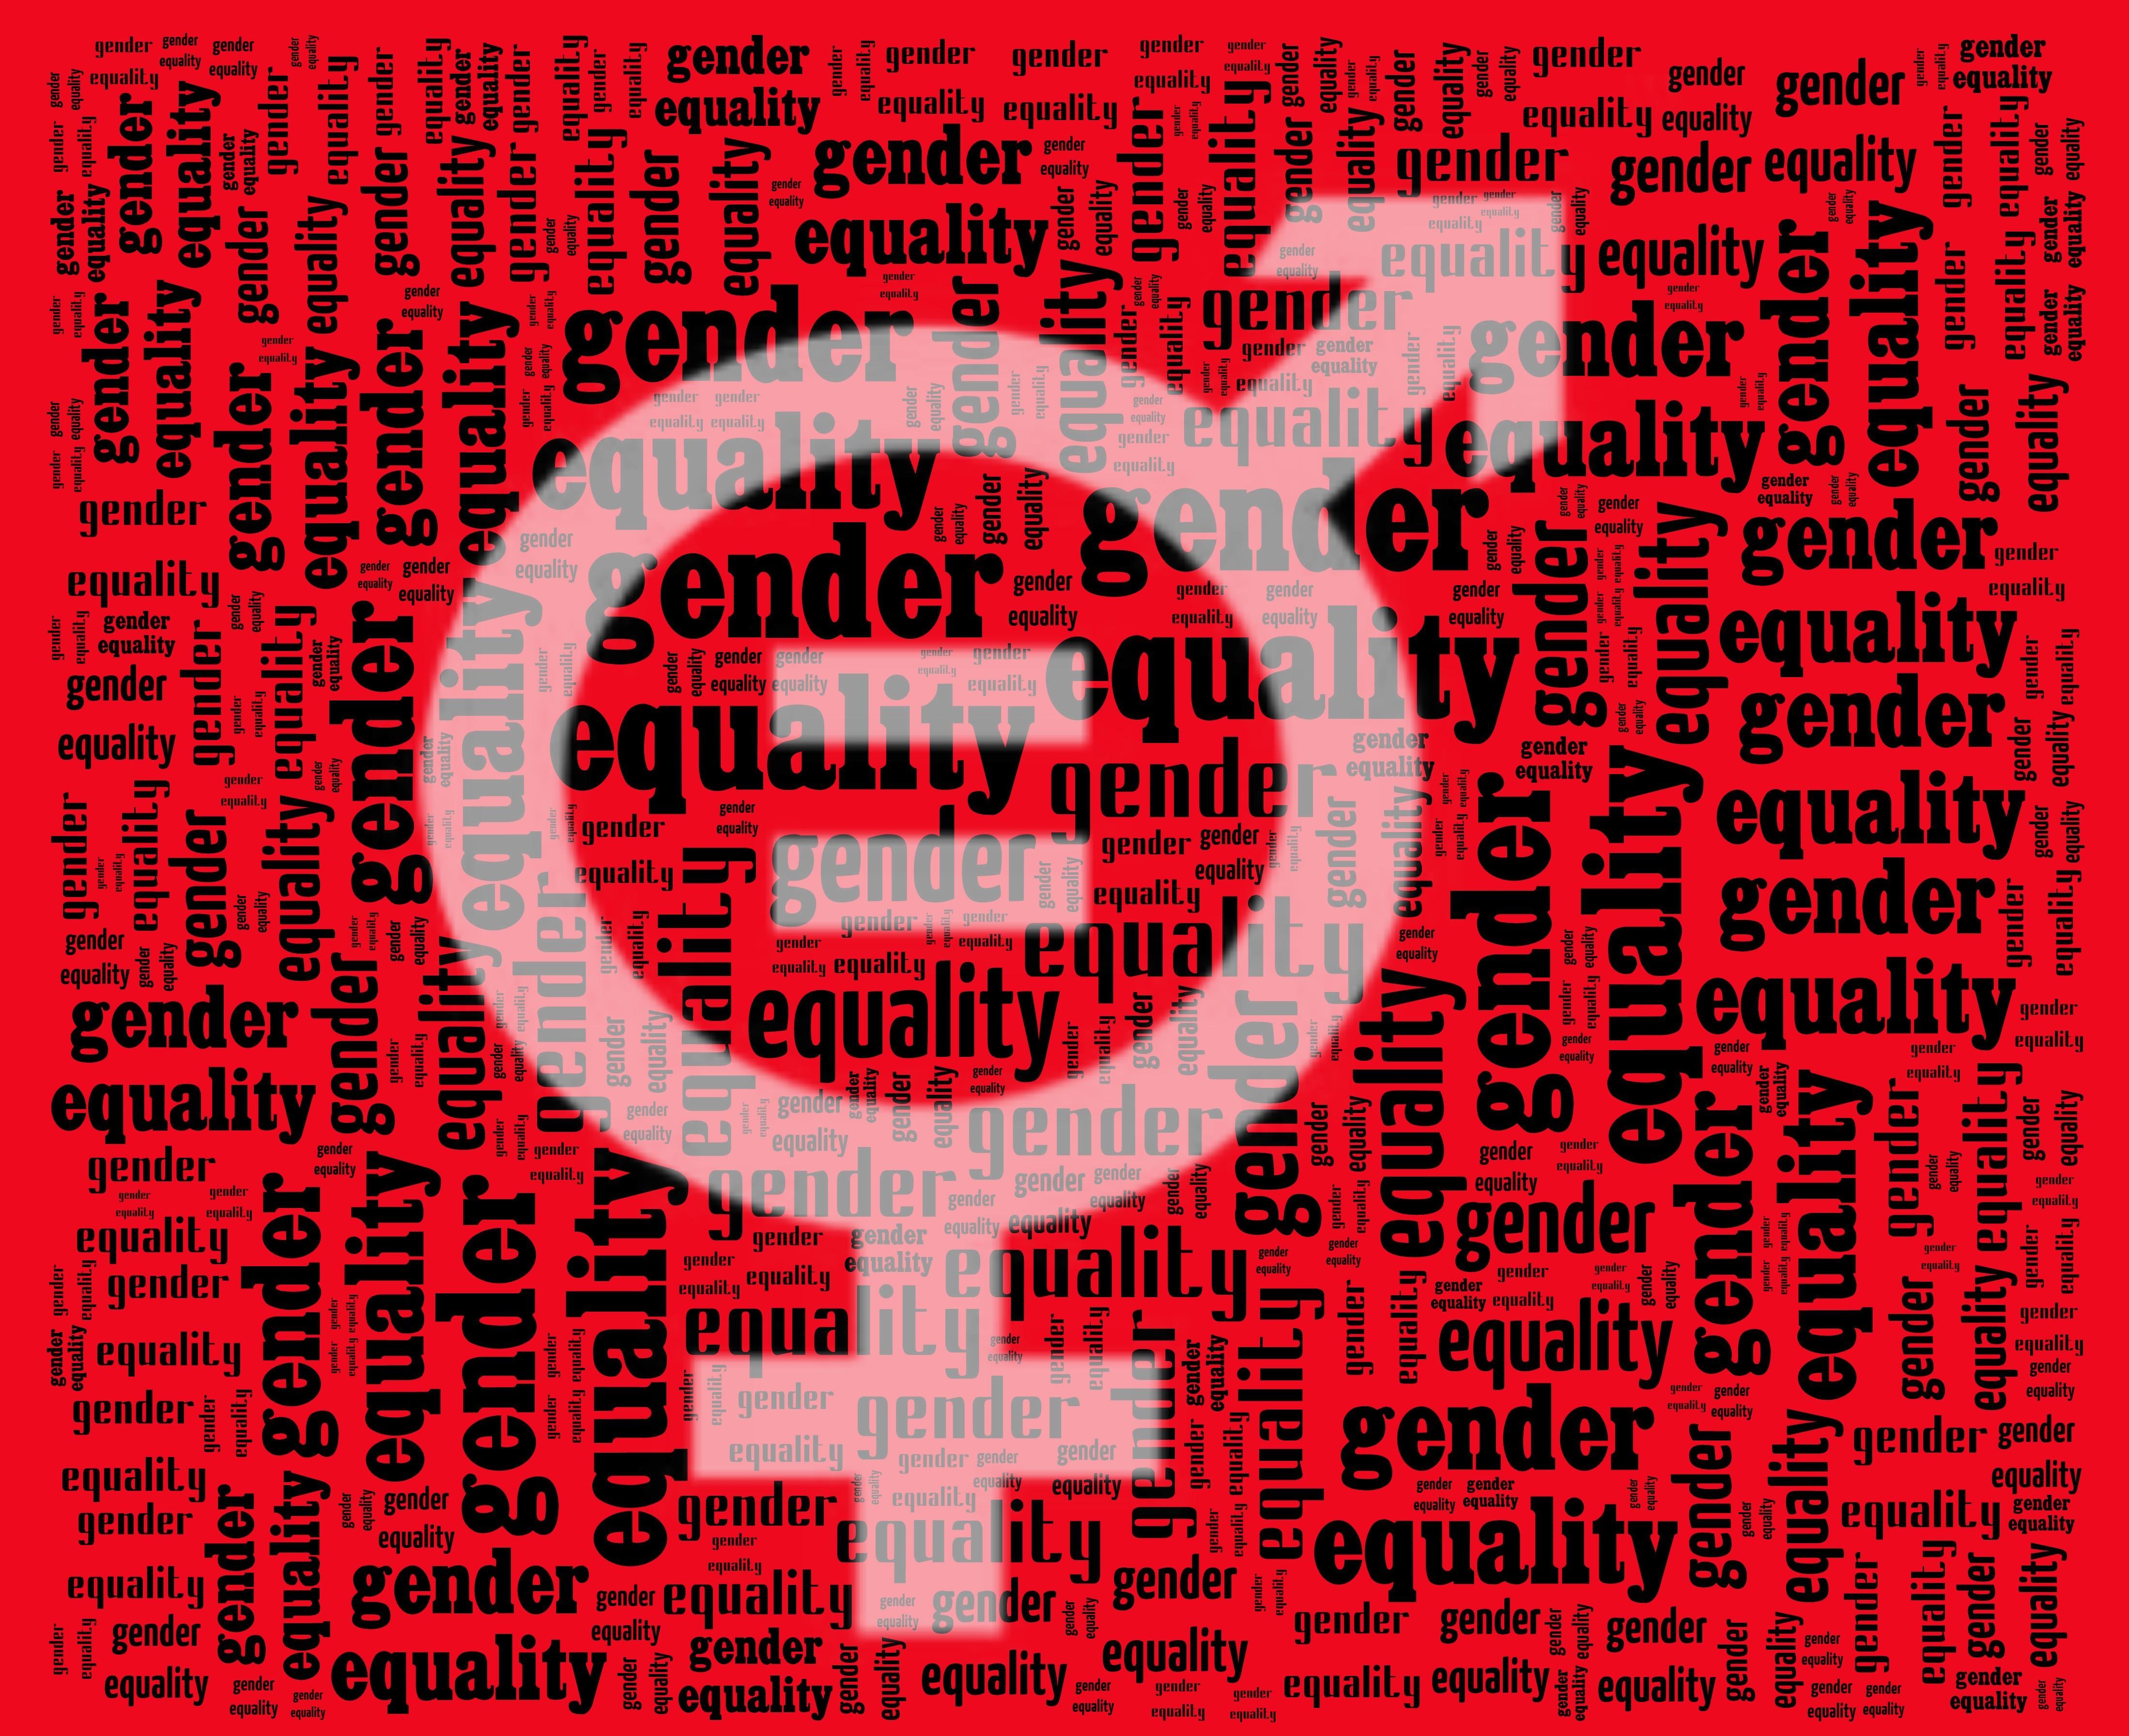 Japan's Missing Piece: Gender Equality